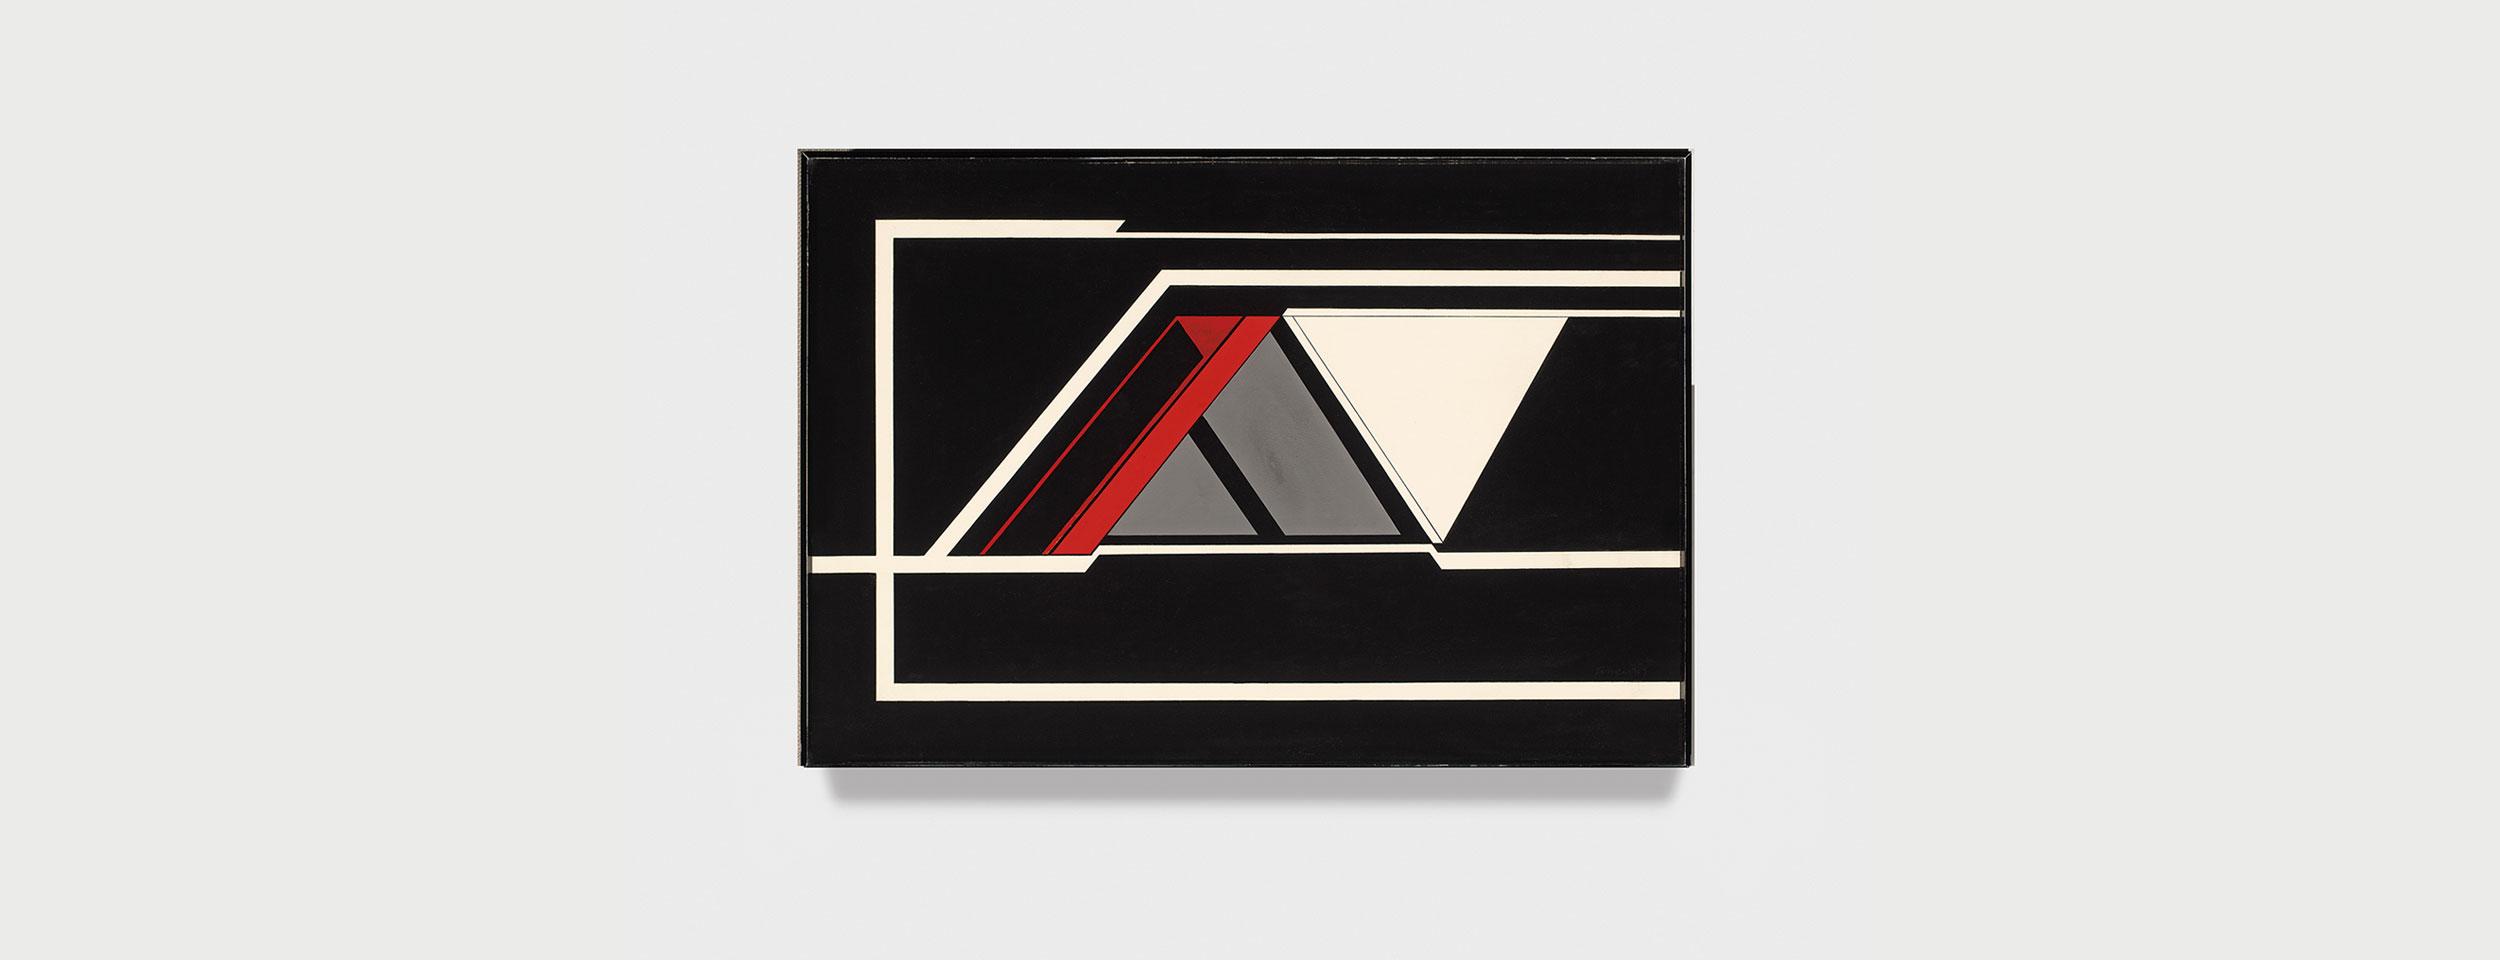 Geométricos - década de 1960